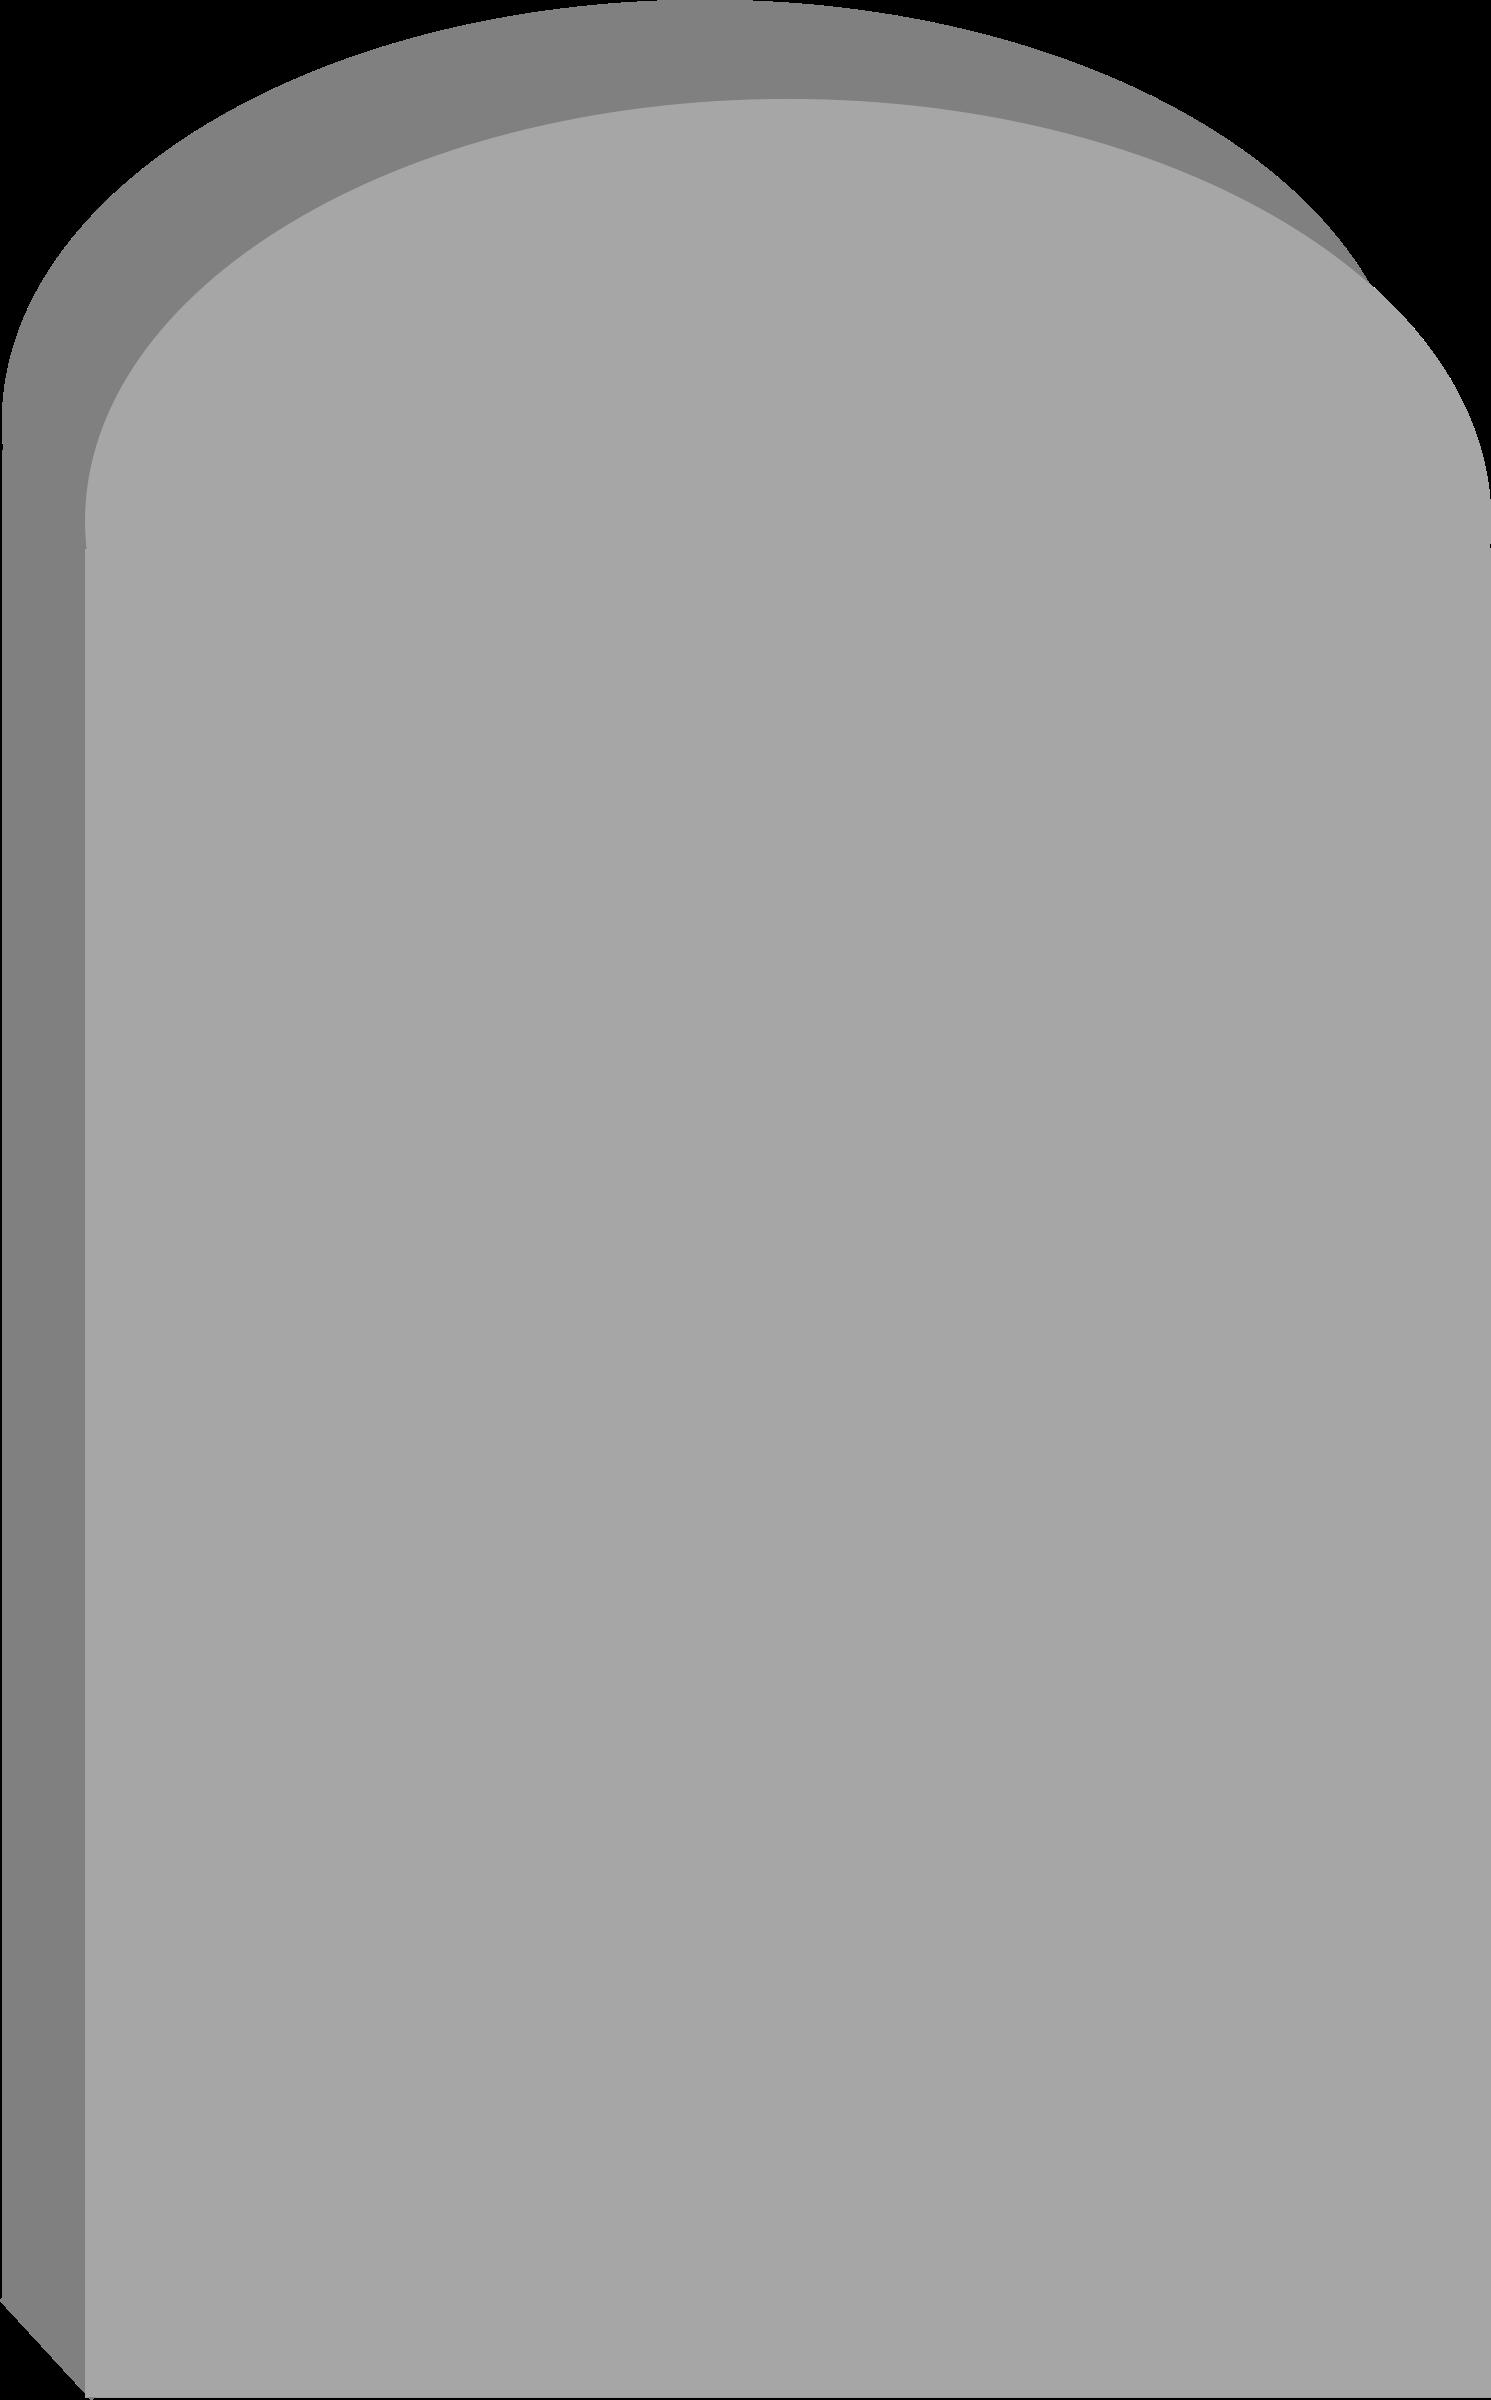 Gravestone Clipart Clipground